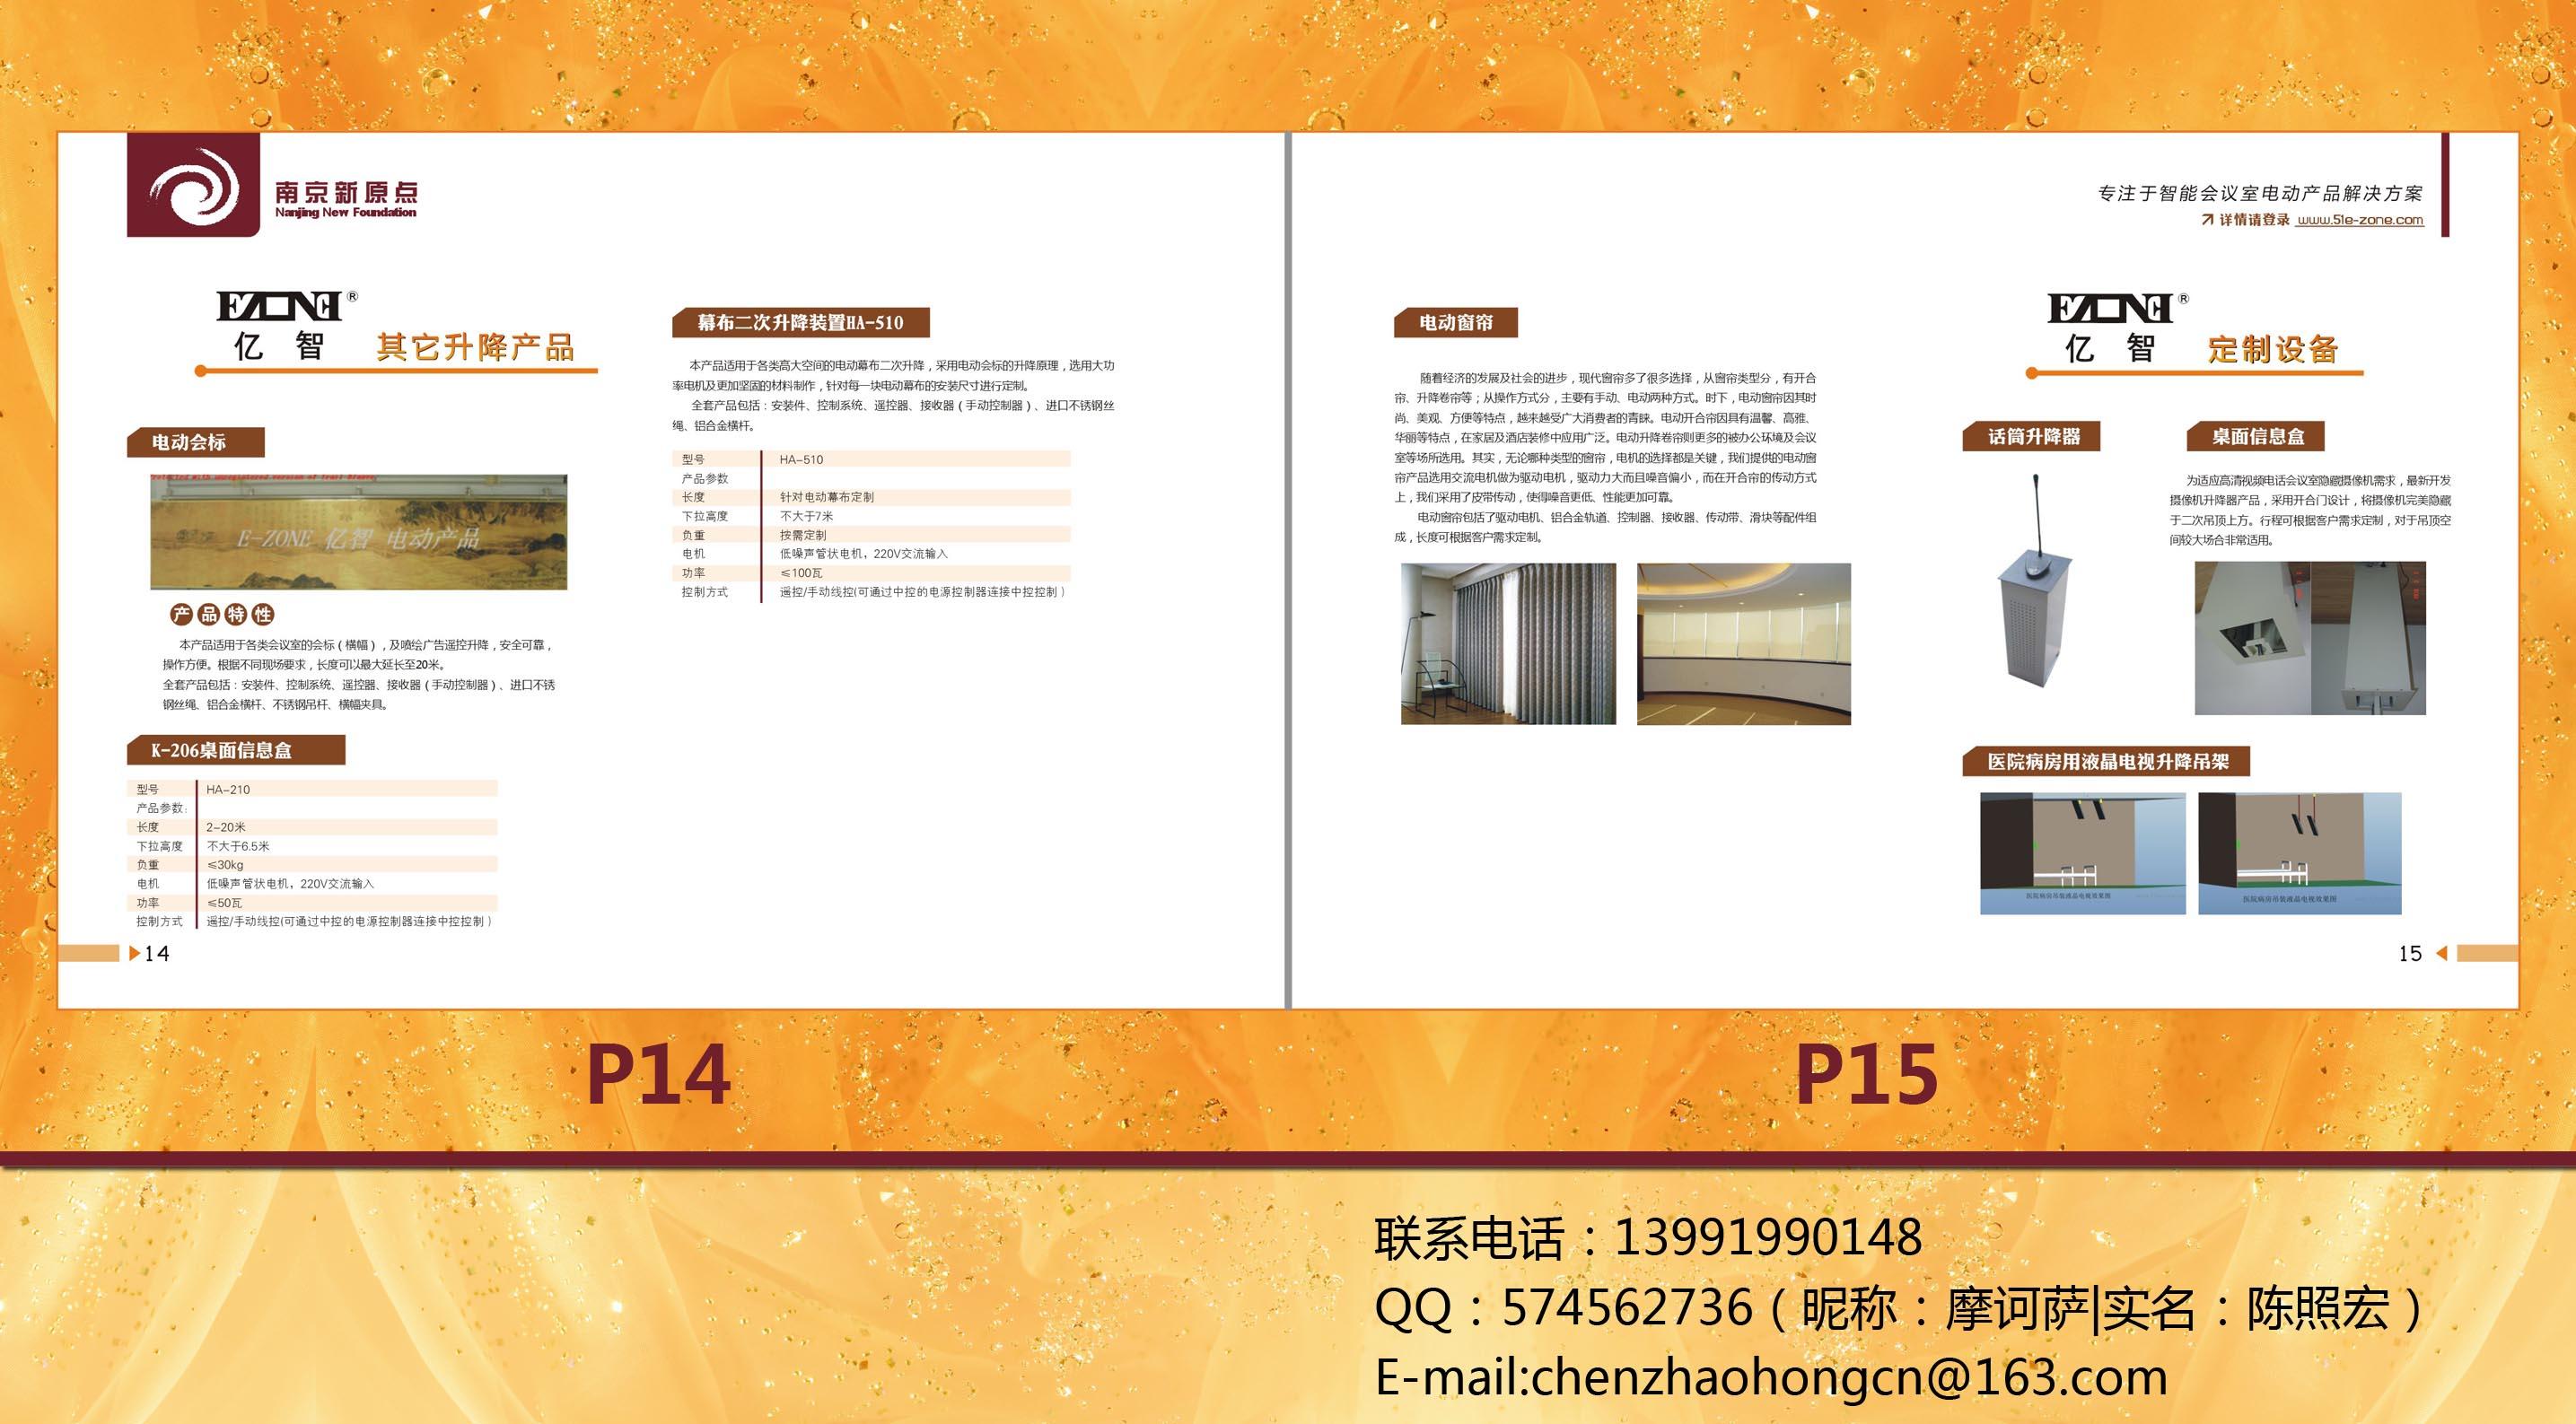 南京电子科技公司产品彩页设计